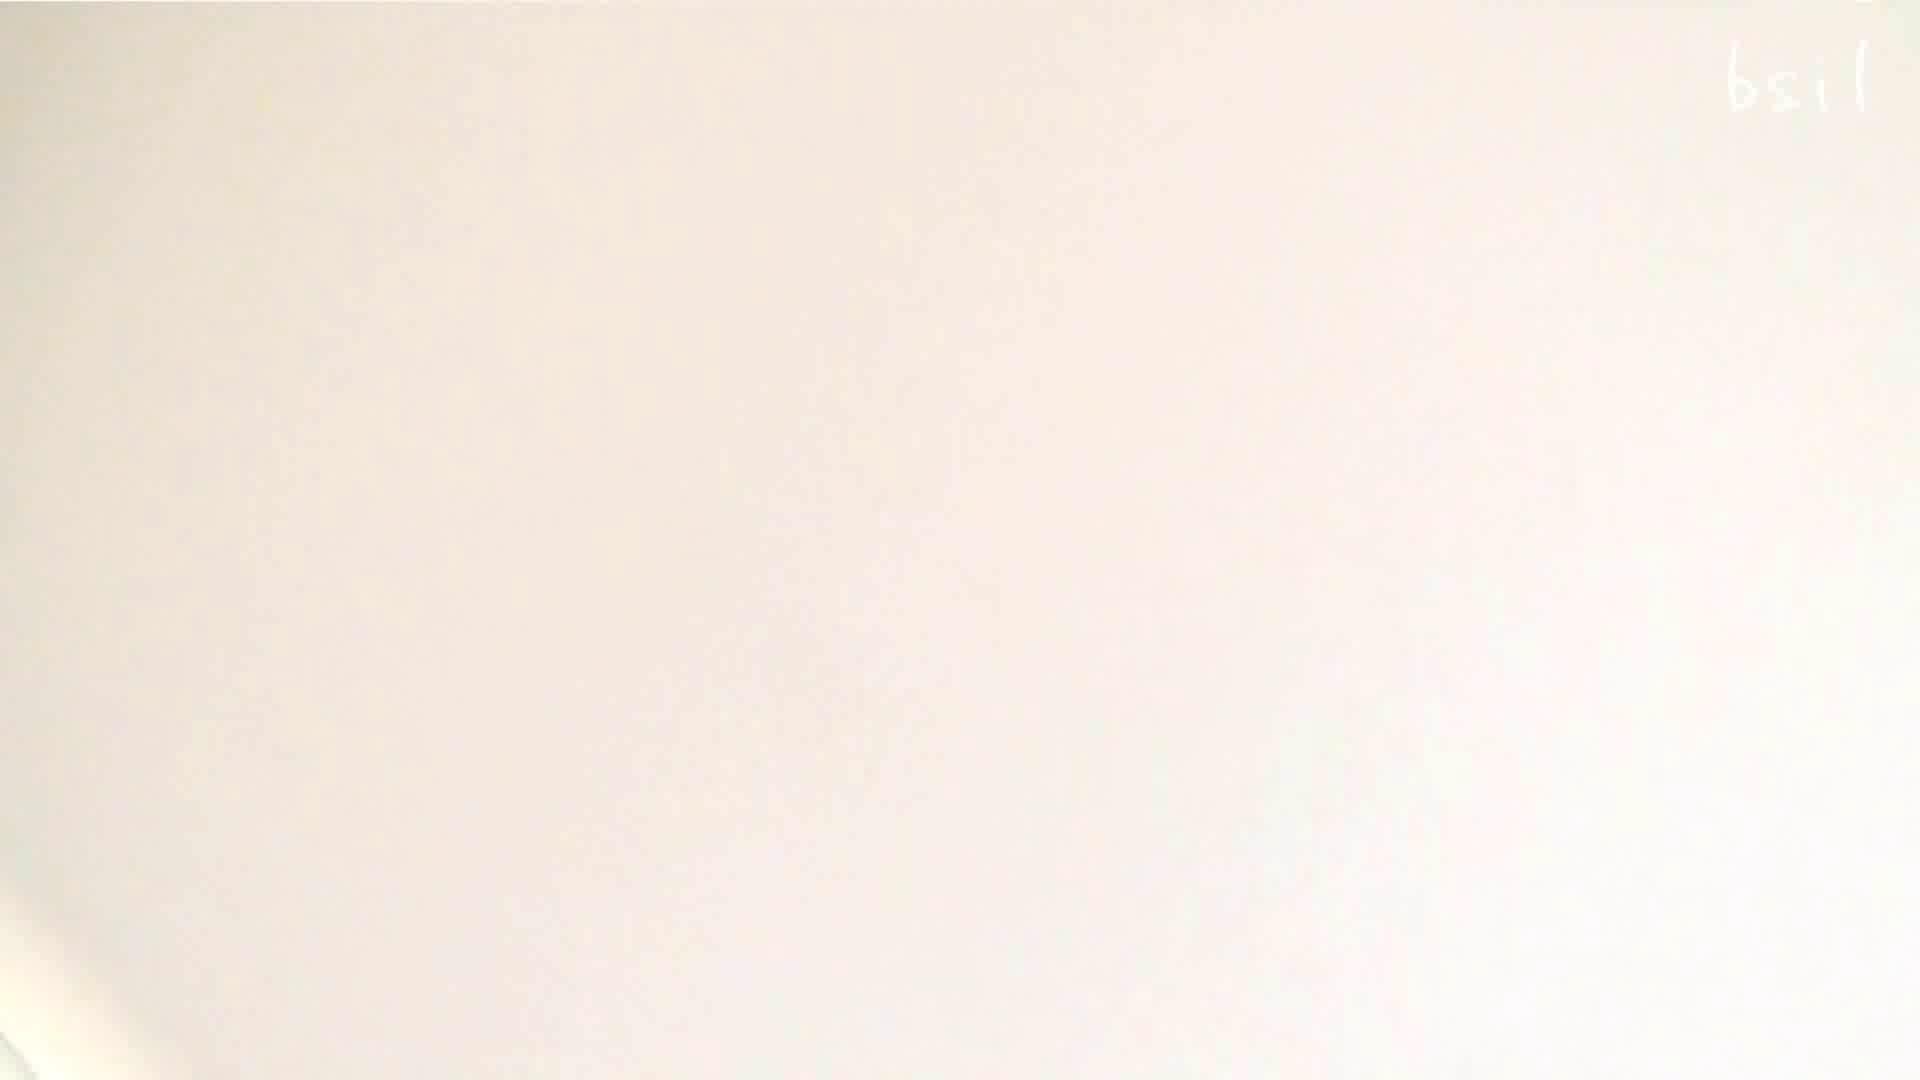 ナースのお小水 vol.001 OLのエロ生活 性交動画流出 93連発 47